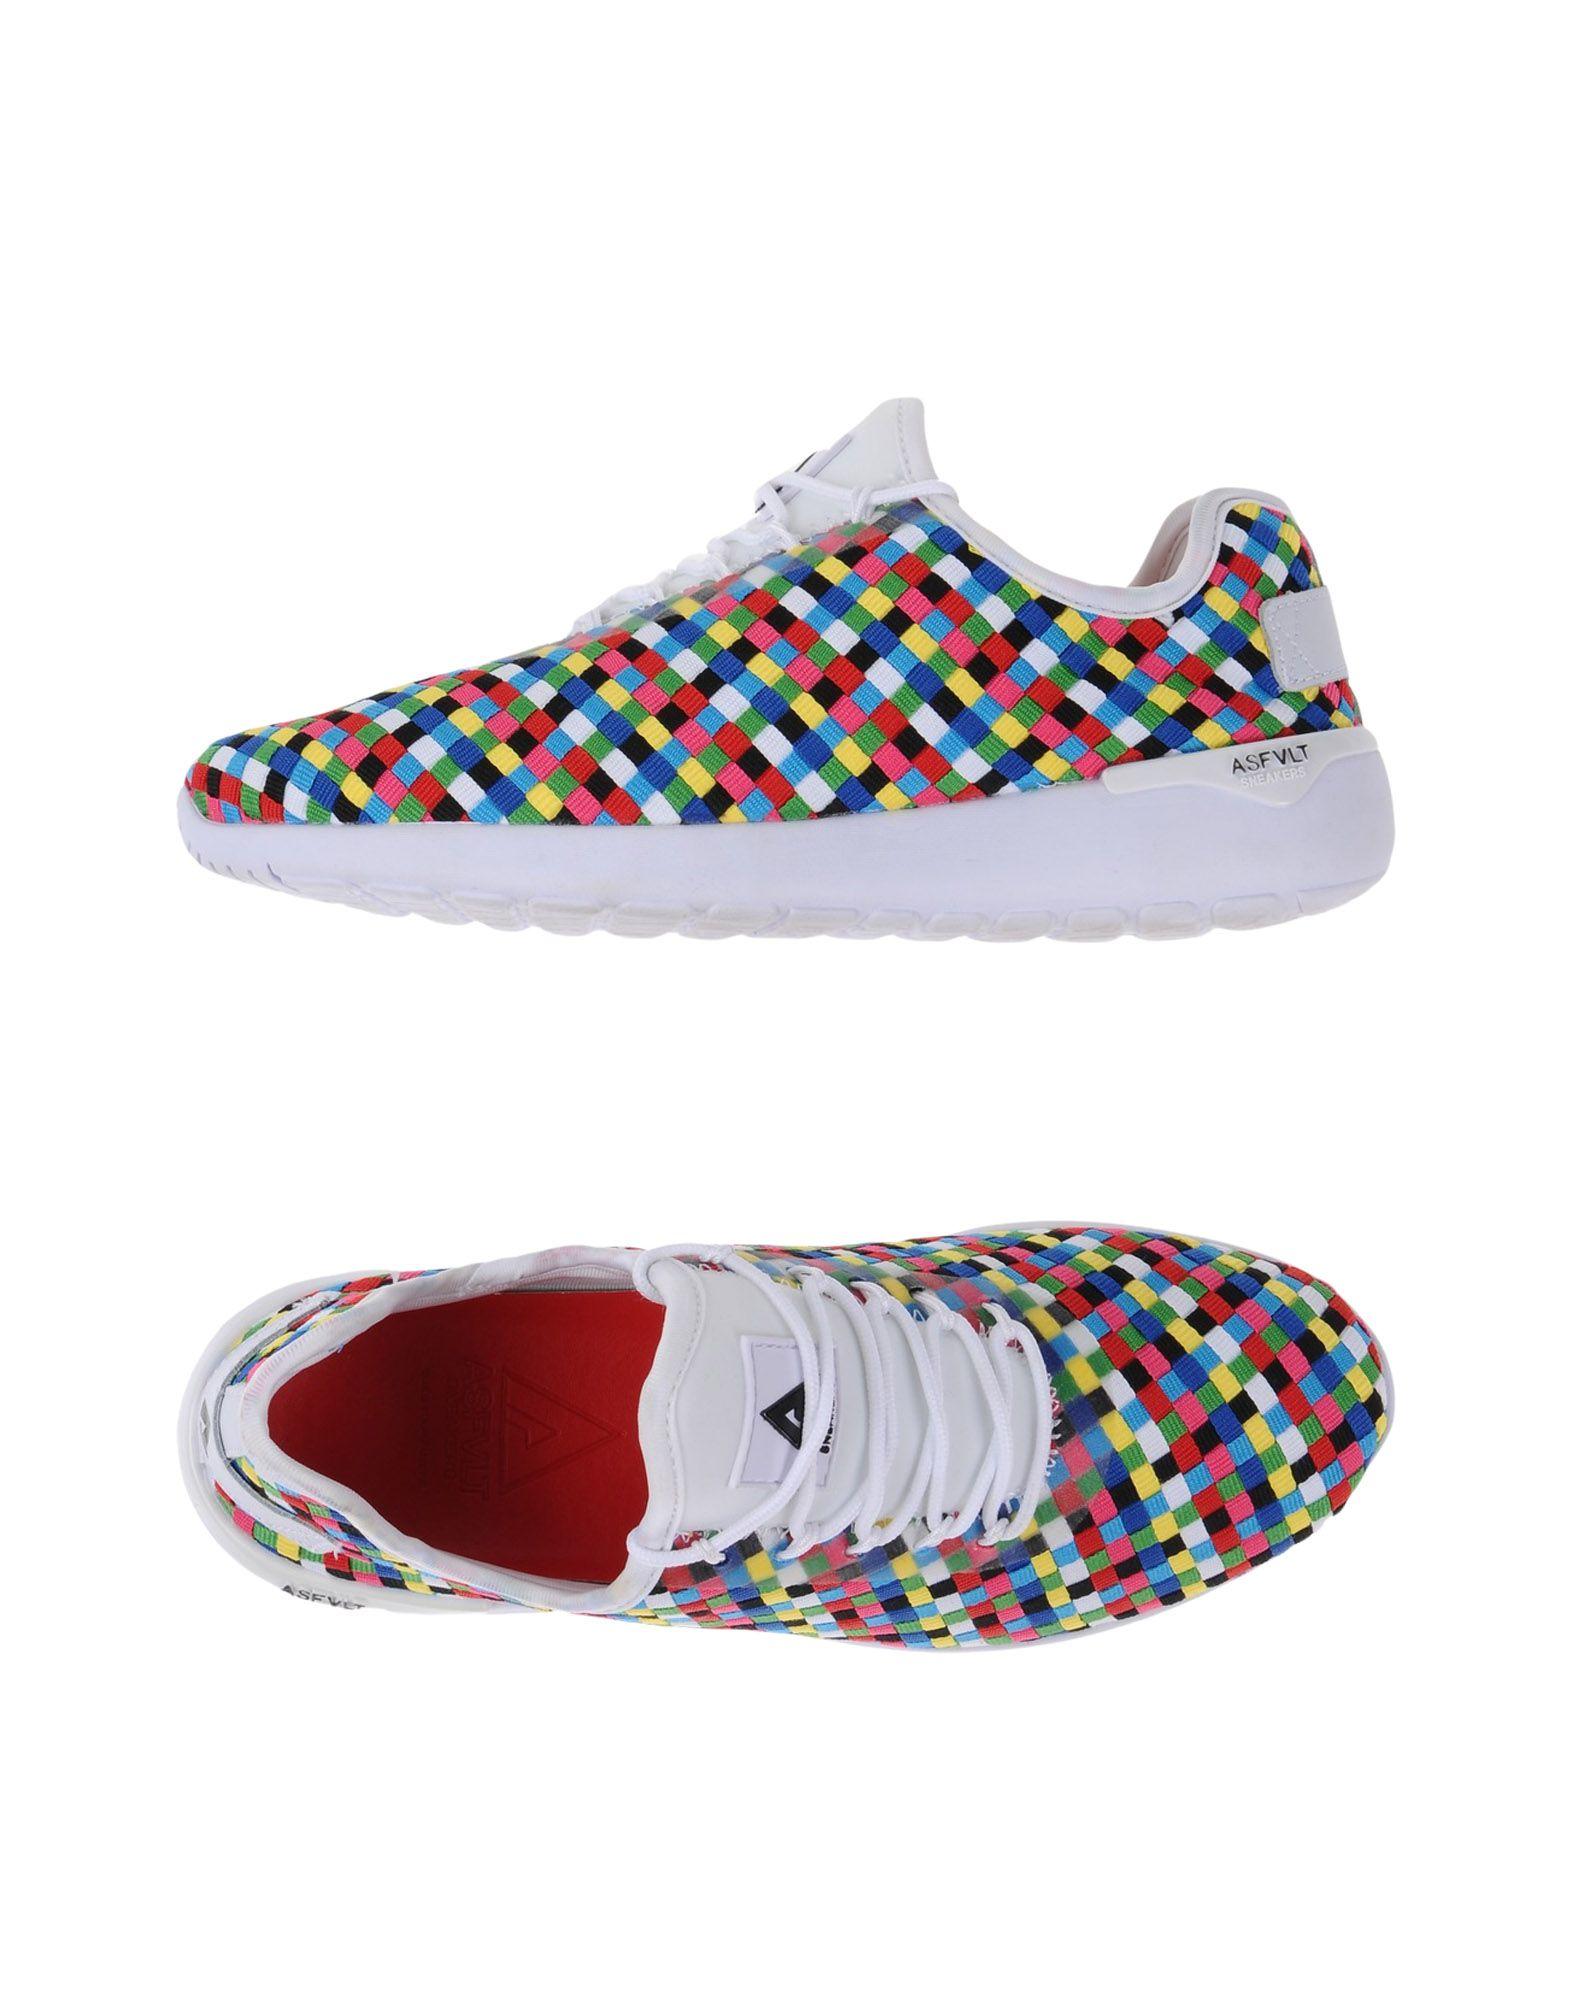 Rabatt echte Schuhe Asfvlt Sneakers Herren  11207285EX